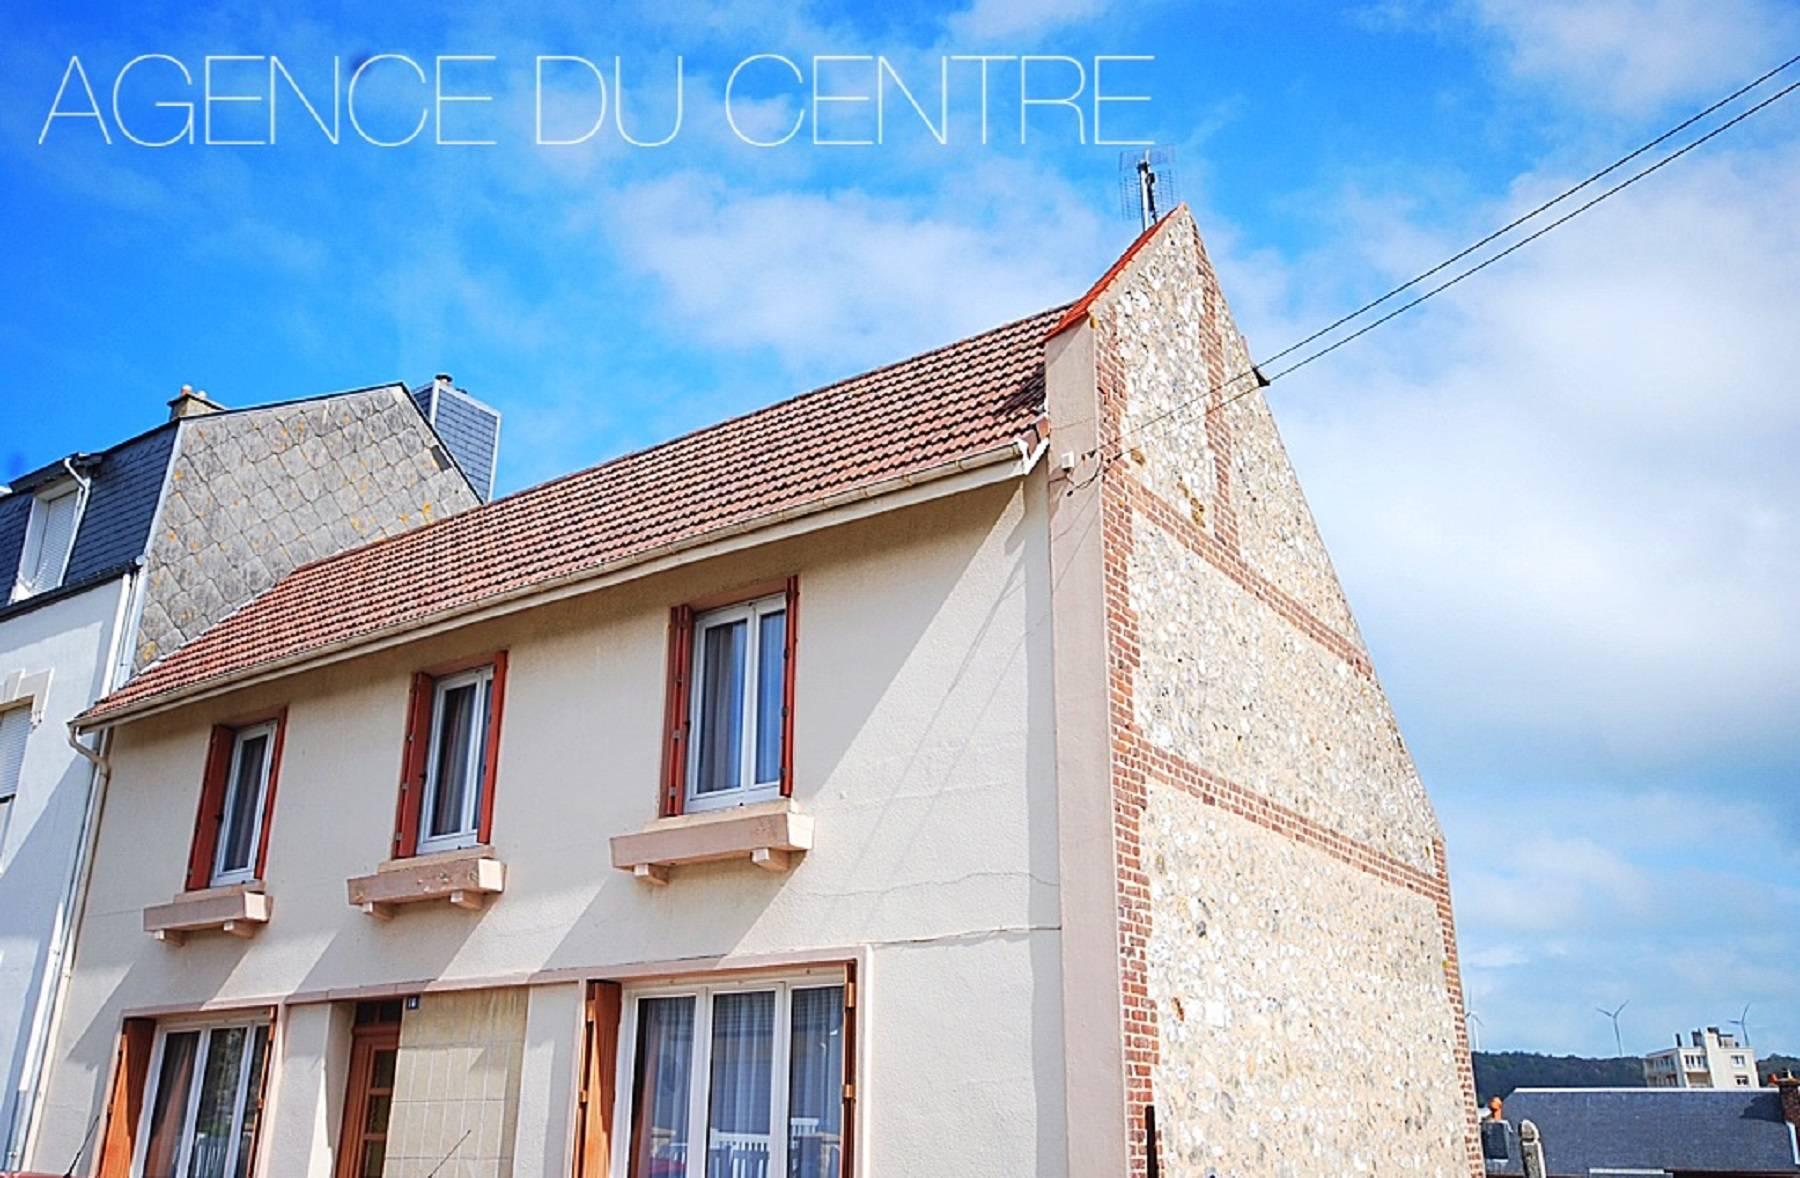 Achat Maison Traditionnelle À La Campagne Criquetot L ... dedans Piscine De Criquetot